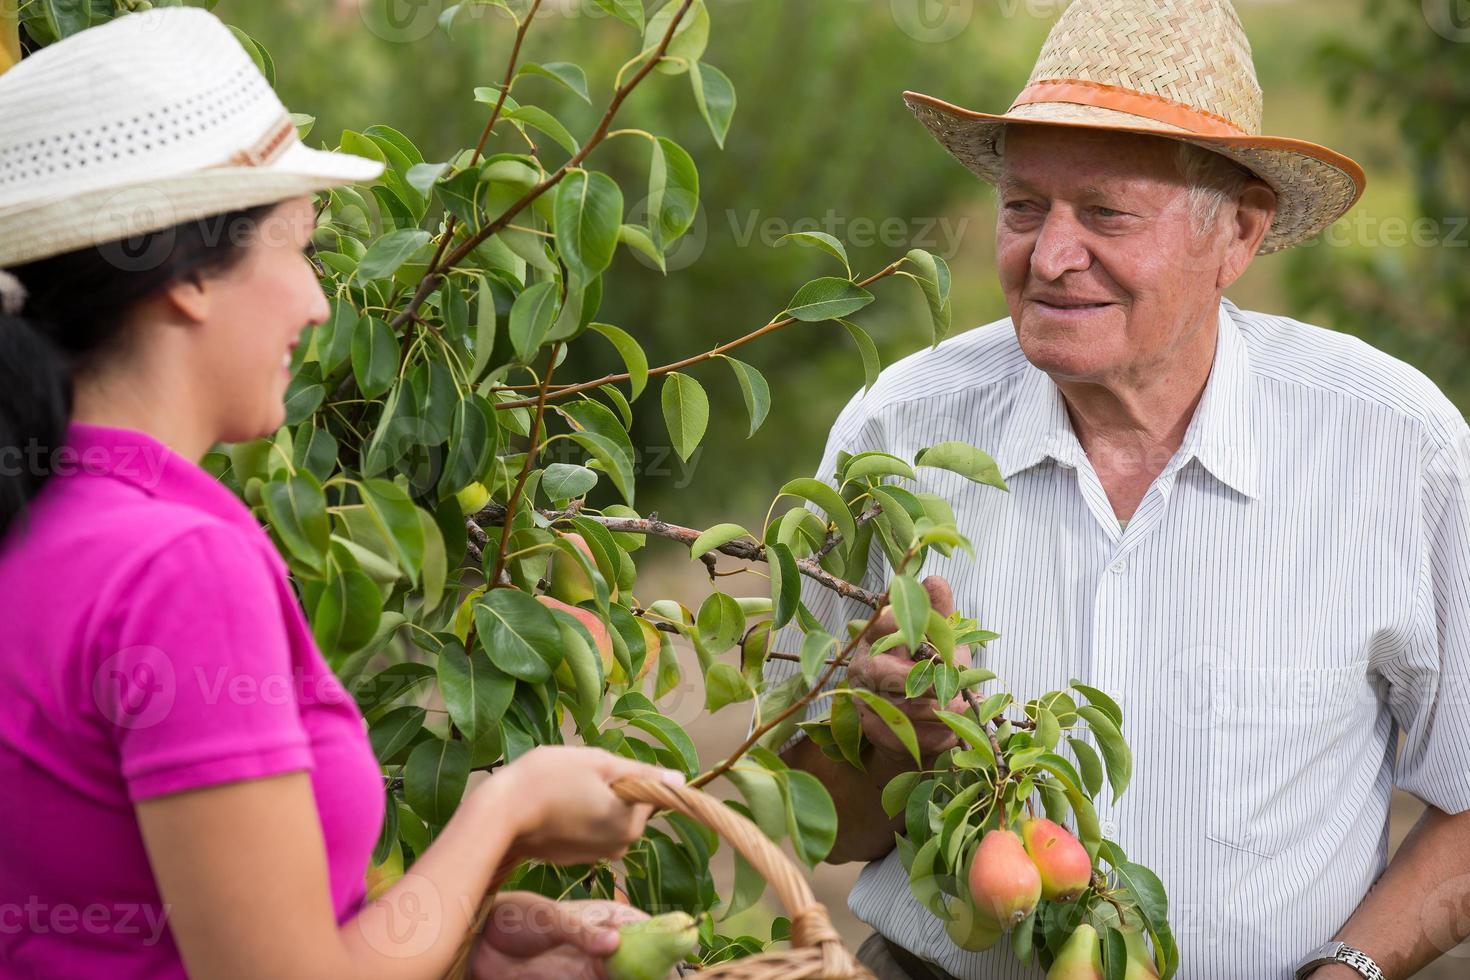 donna che aiuta un uomo più anziano nel frutteto foto